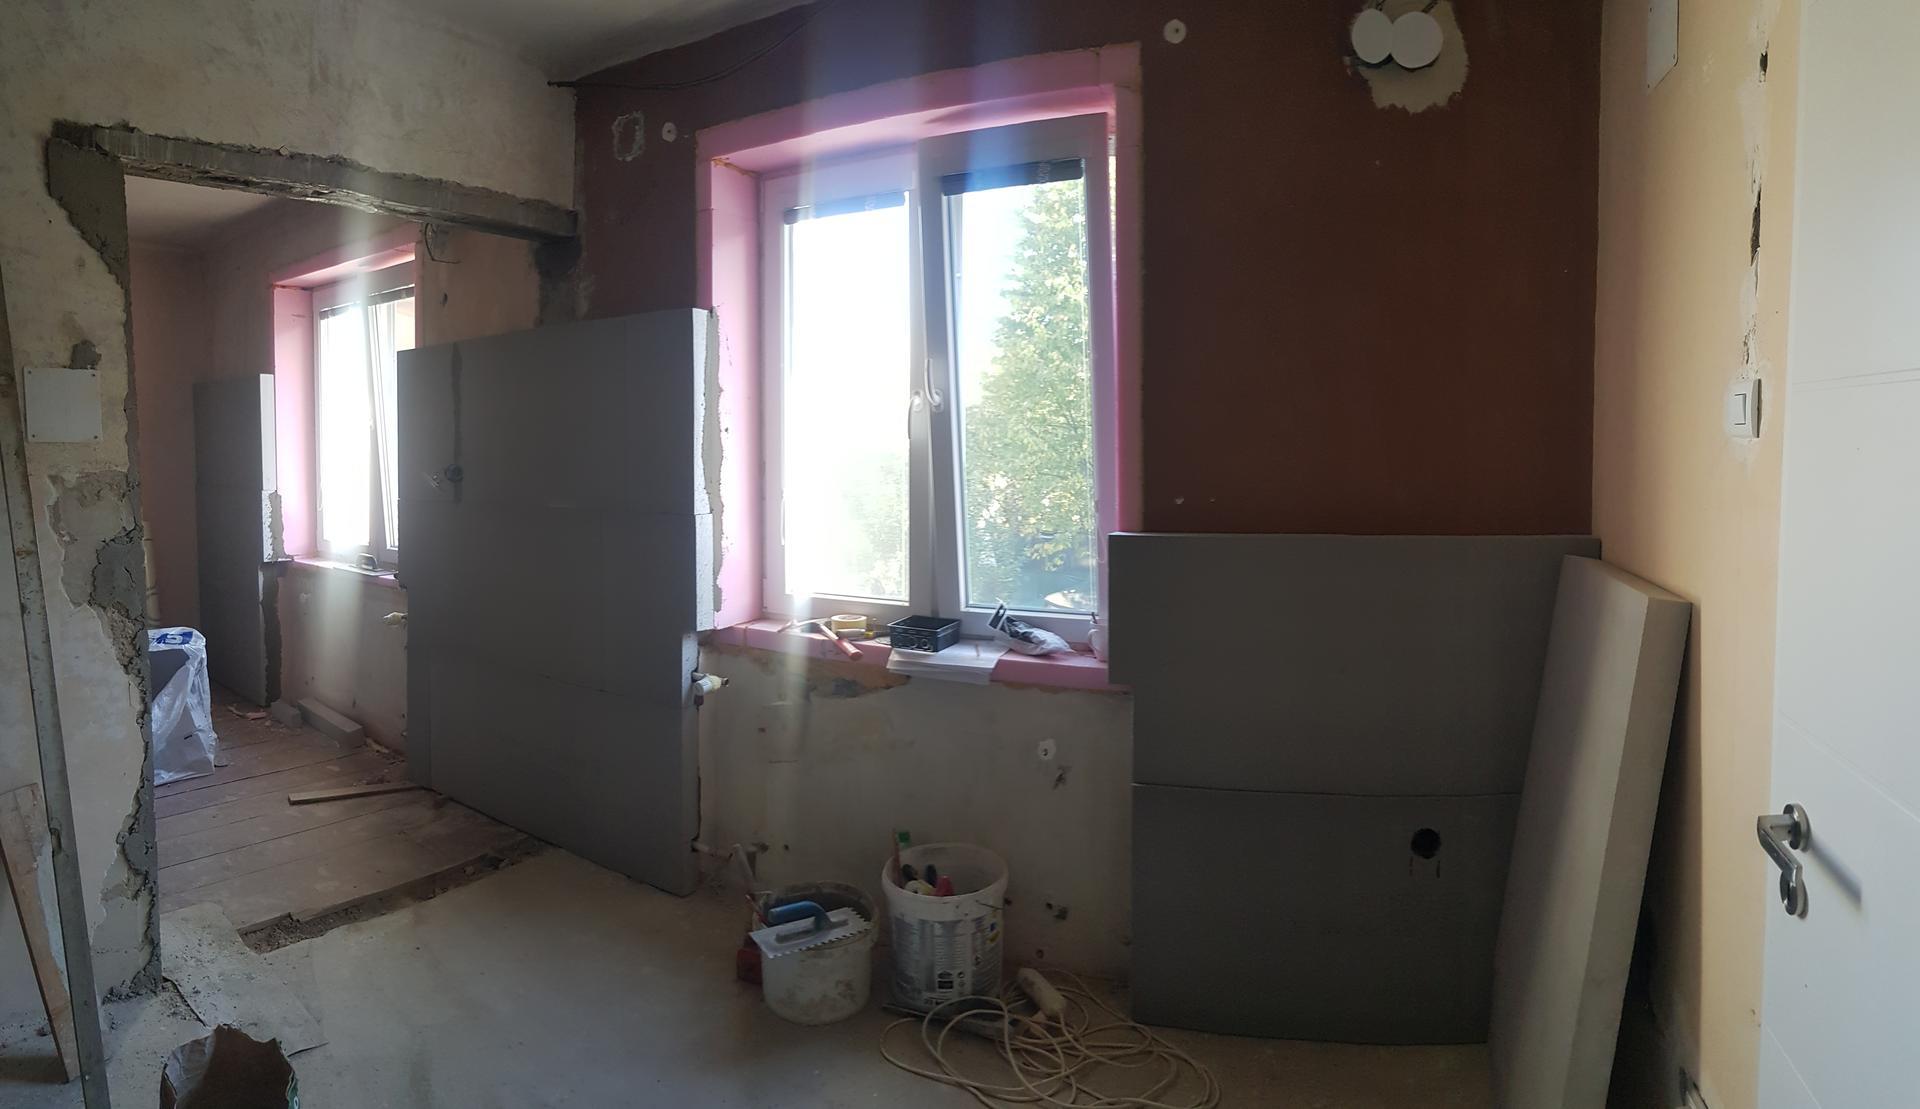 Naša rekonštrukcia - ... priestor okolo okien bolo potrebné dať do jednej línie a zároveň sme to využili aj na poskrývanie rúr od radiátorov